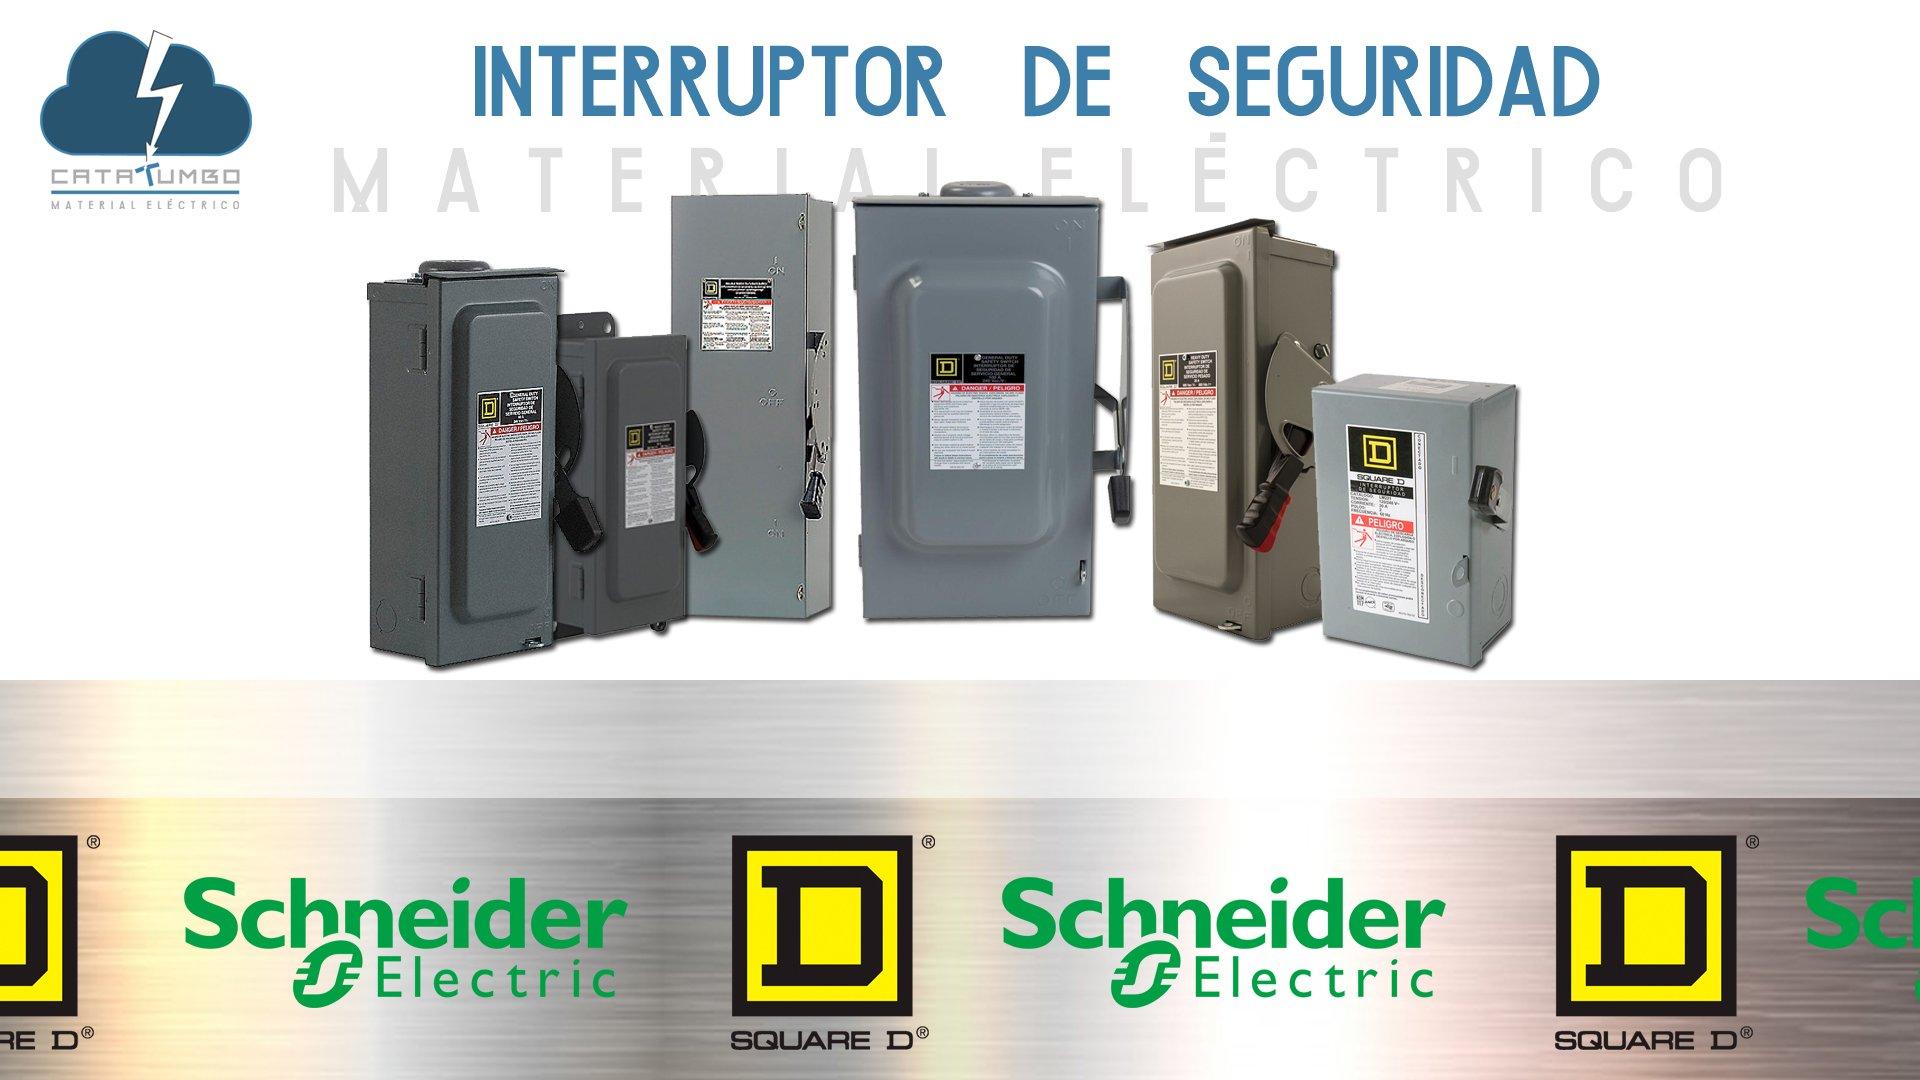 interruptor-de-seguridad-square-d-schneider-electric-material-eléctrico-catatumbo